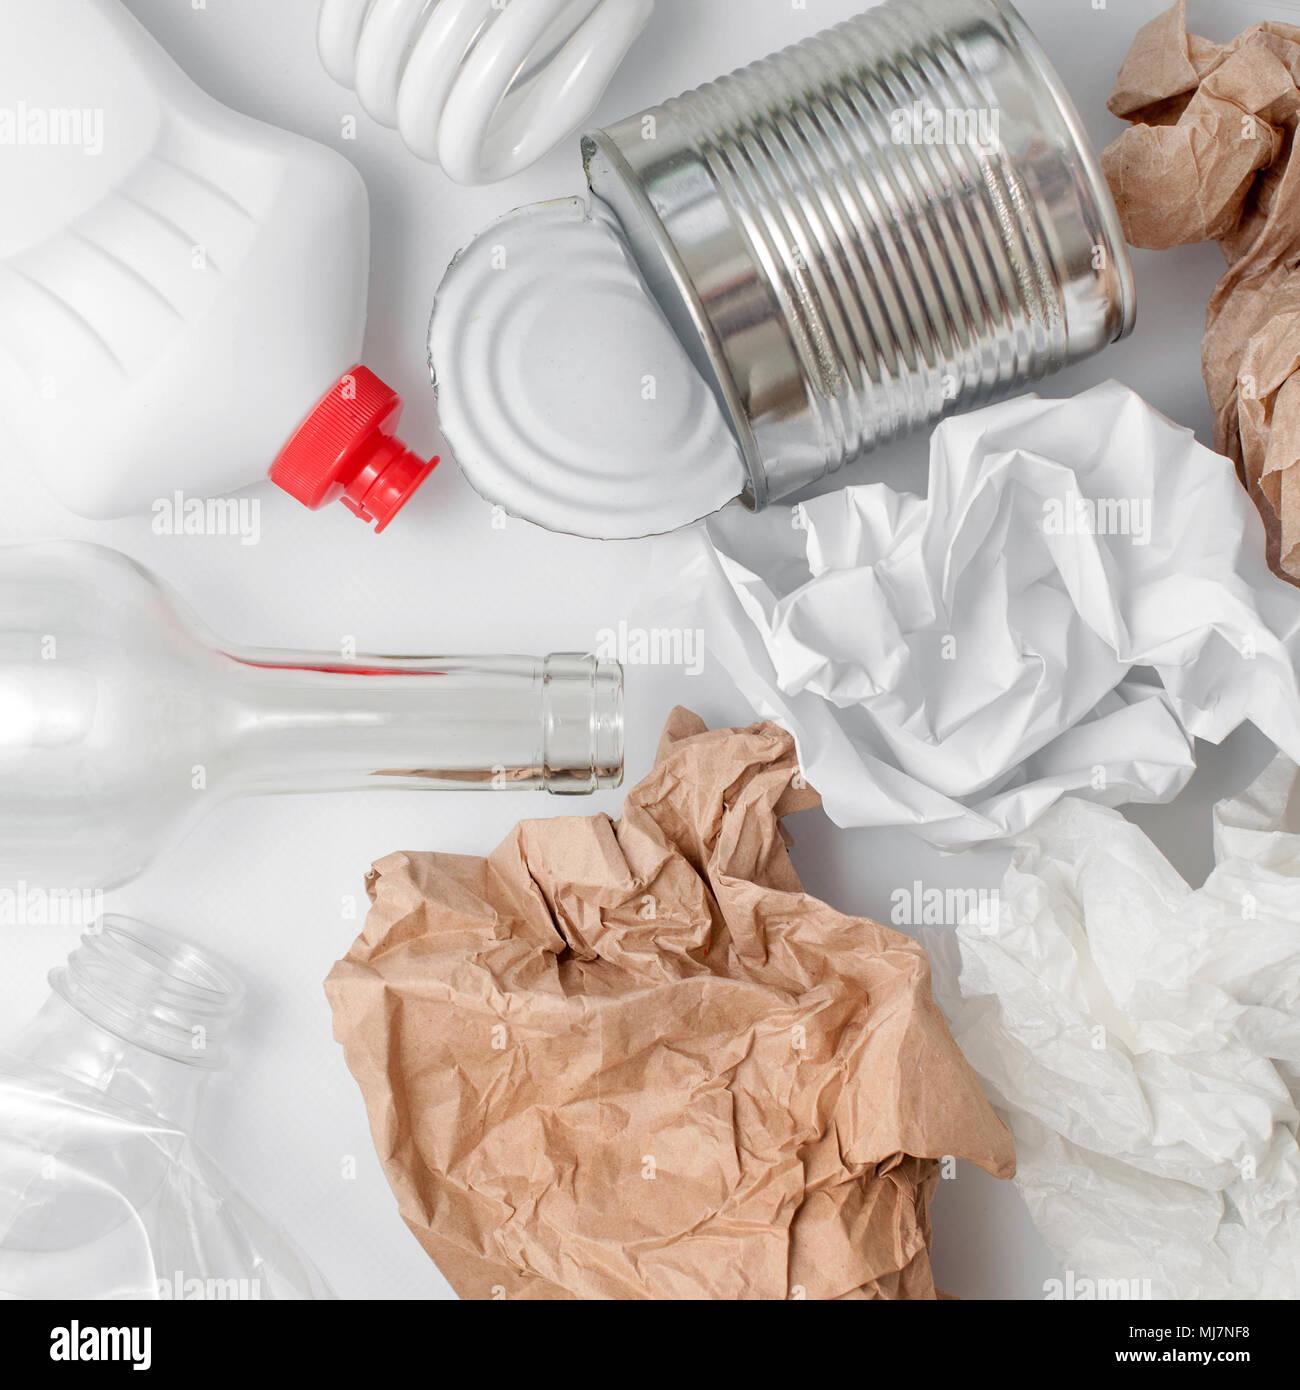 Rifiuti riciclabili, risorse. Pulire il vetro, carta, plastica e metallo su sfondo bianco. Il riutilizzo, il riciclaggio e lo smaltimento dei rifiuti, risorse, ambiente e il concetto di ecologia Immagini Stock